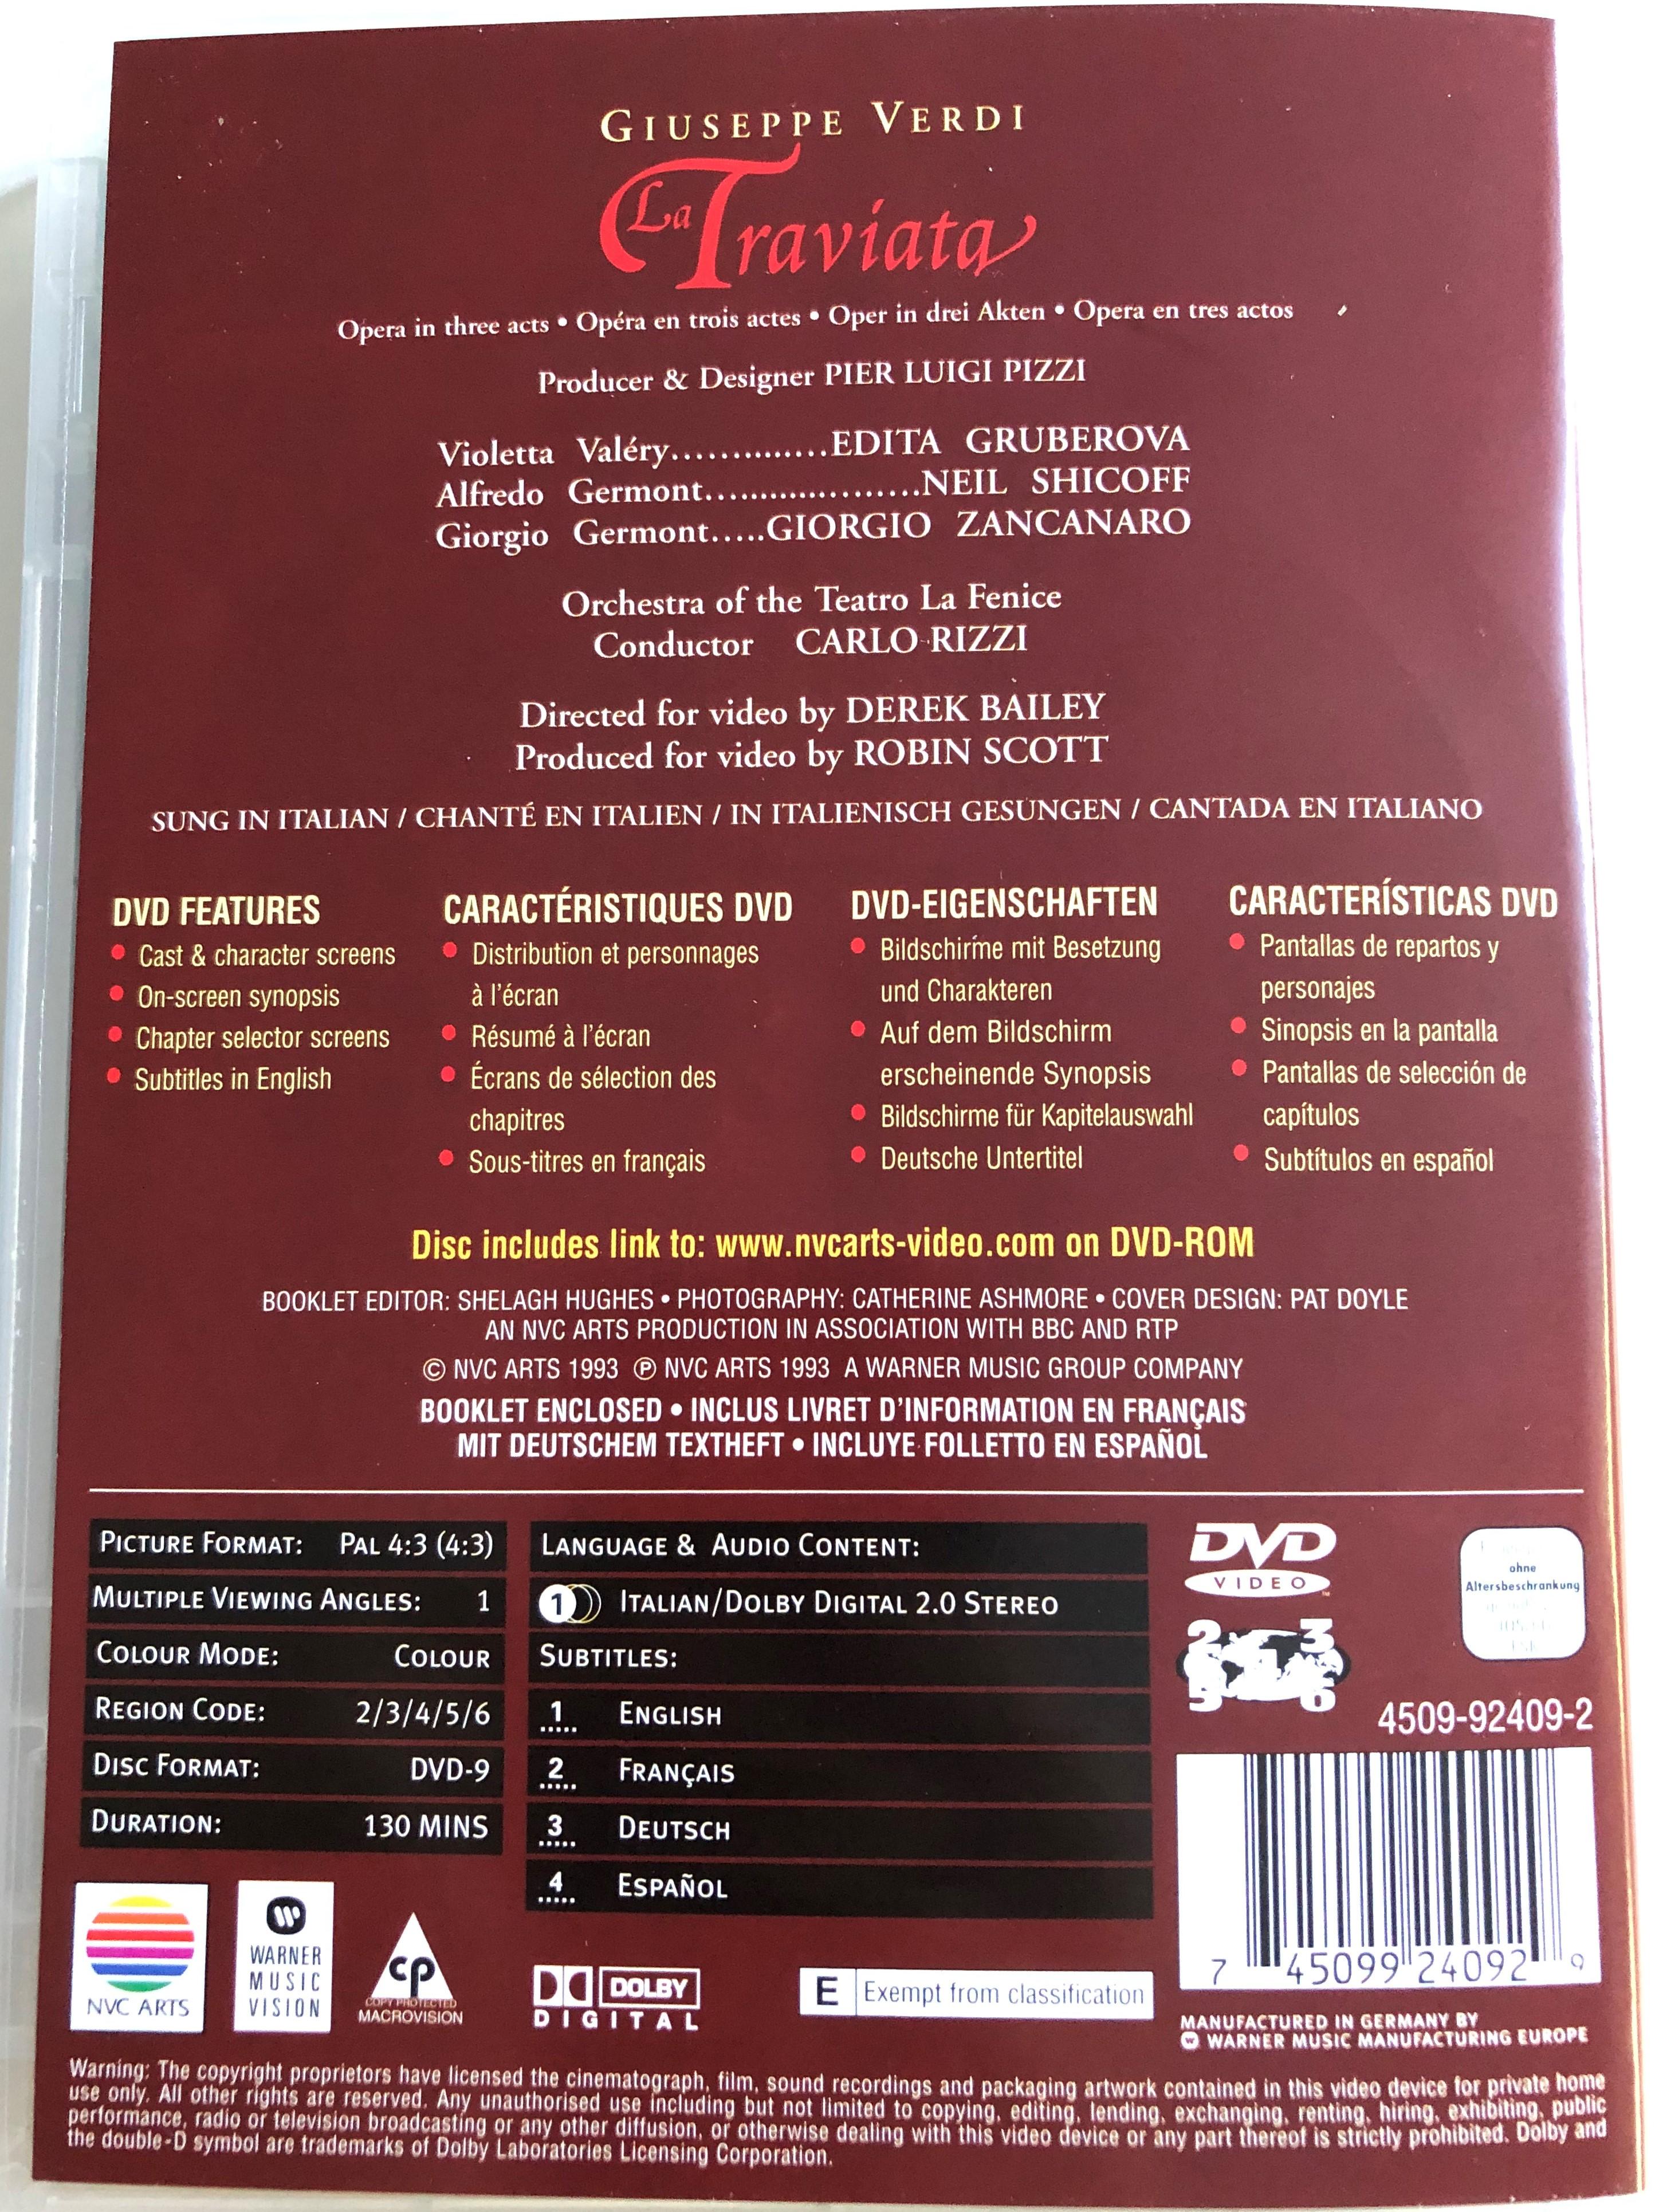 giuseppe-verdi-la-traviata-dvd-2003-opera-in-3-acts-gran-teatro-la-fenice-venice-edita-gruberova-neil-shicoff-giorgio-zancanaro-conducted-by-carlo-rizzi-directed-for-video-by-derek-bailey-nvc-arts-3-.jpg